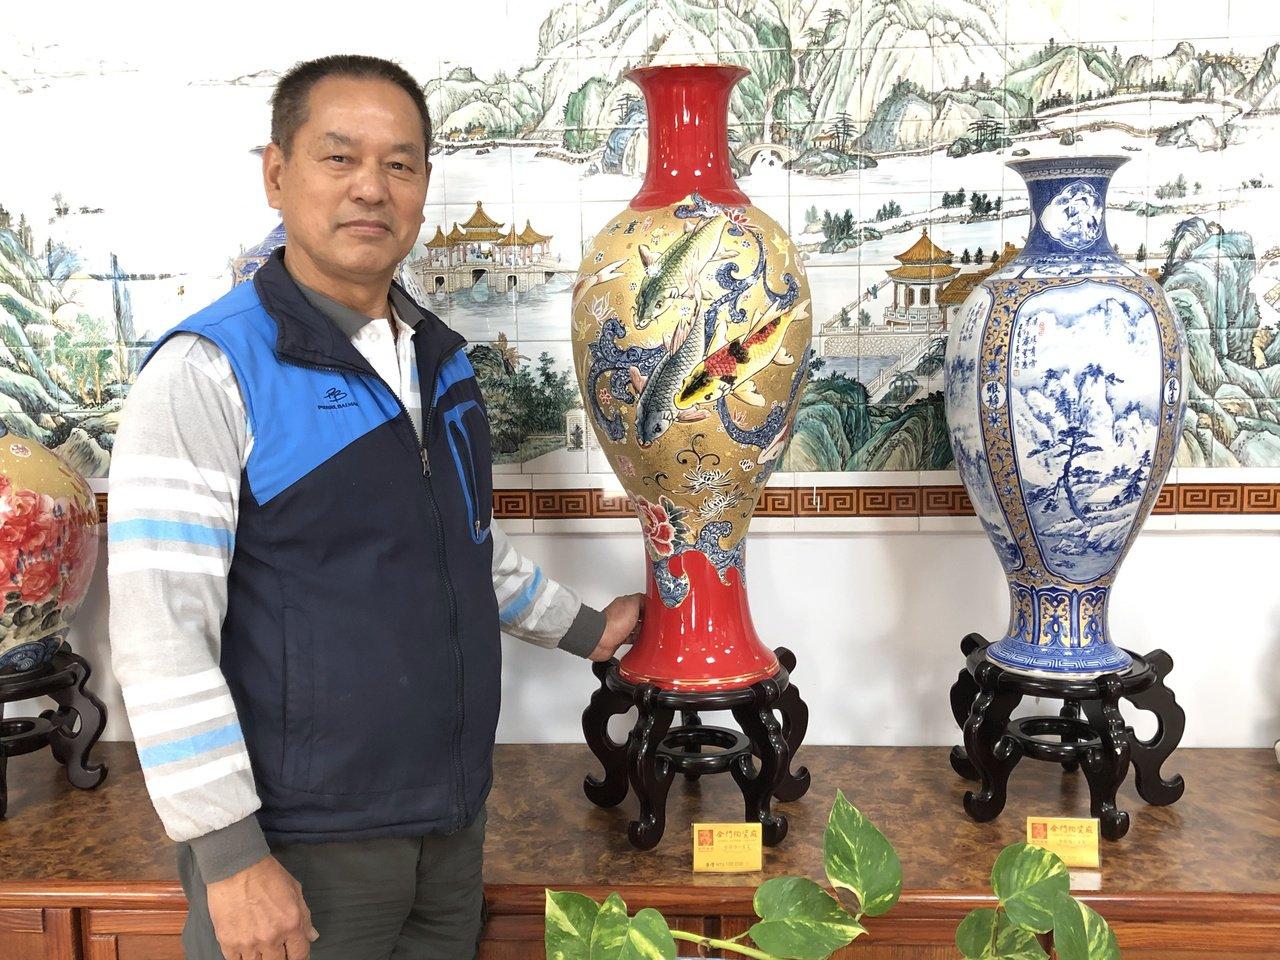 董加添在金門縣陶瓷廠待了40多年,創作了上千件的作品,廠內的重點銷售商品有多件都...